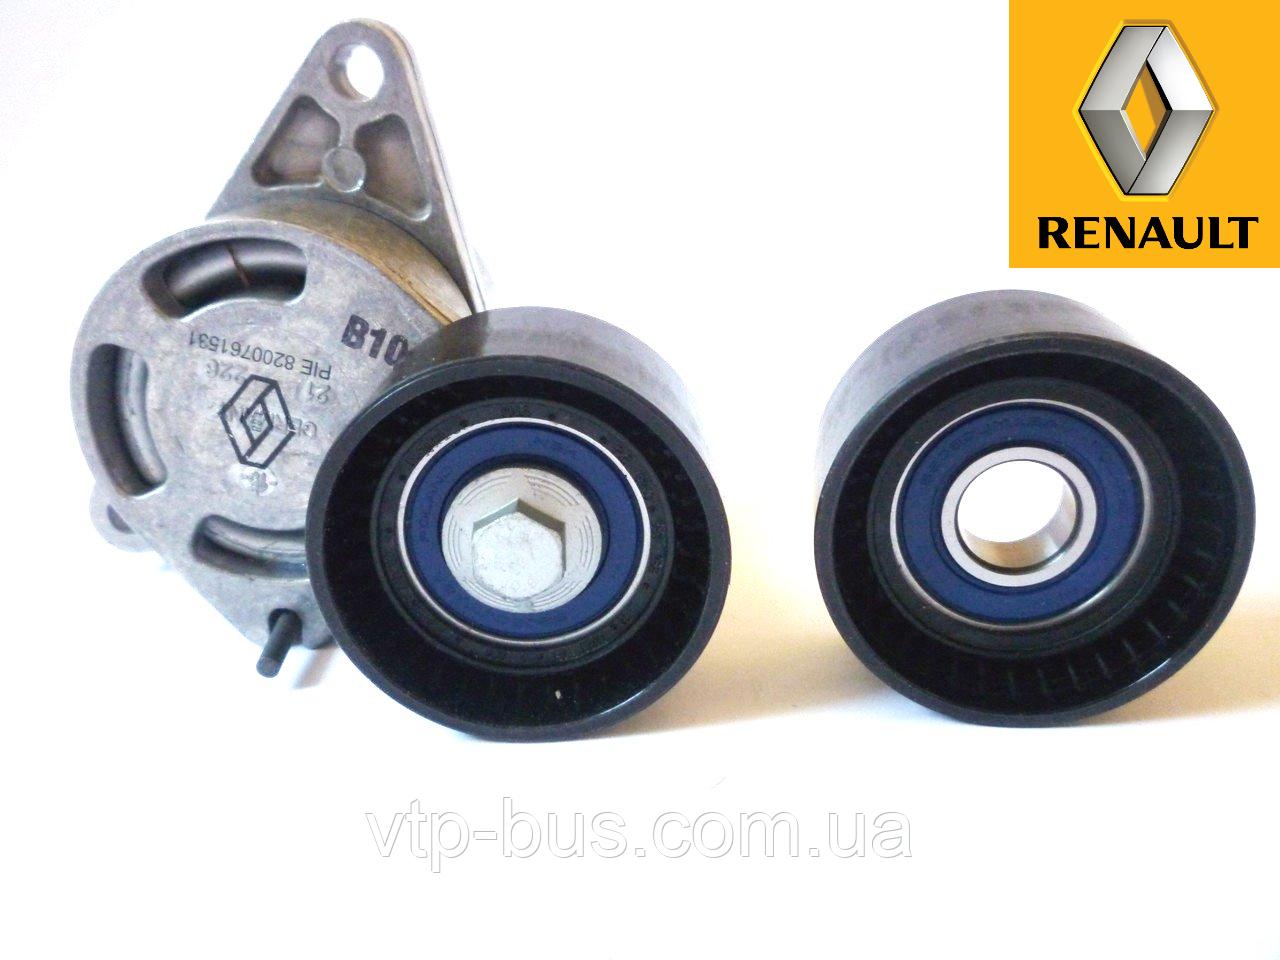 Комплект роликов генератора на Renault Trafic 2.5dCi (135 / 146 л.с.) 2003-2014 Renault (оригинал) 7701475629